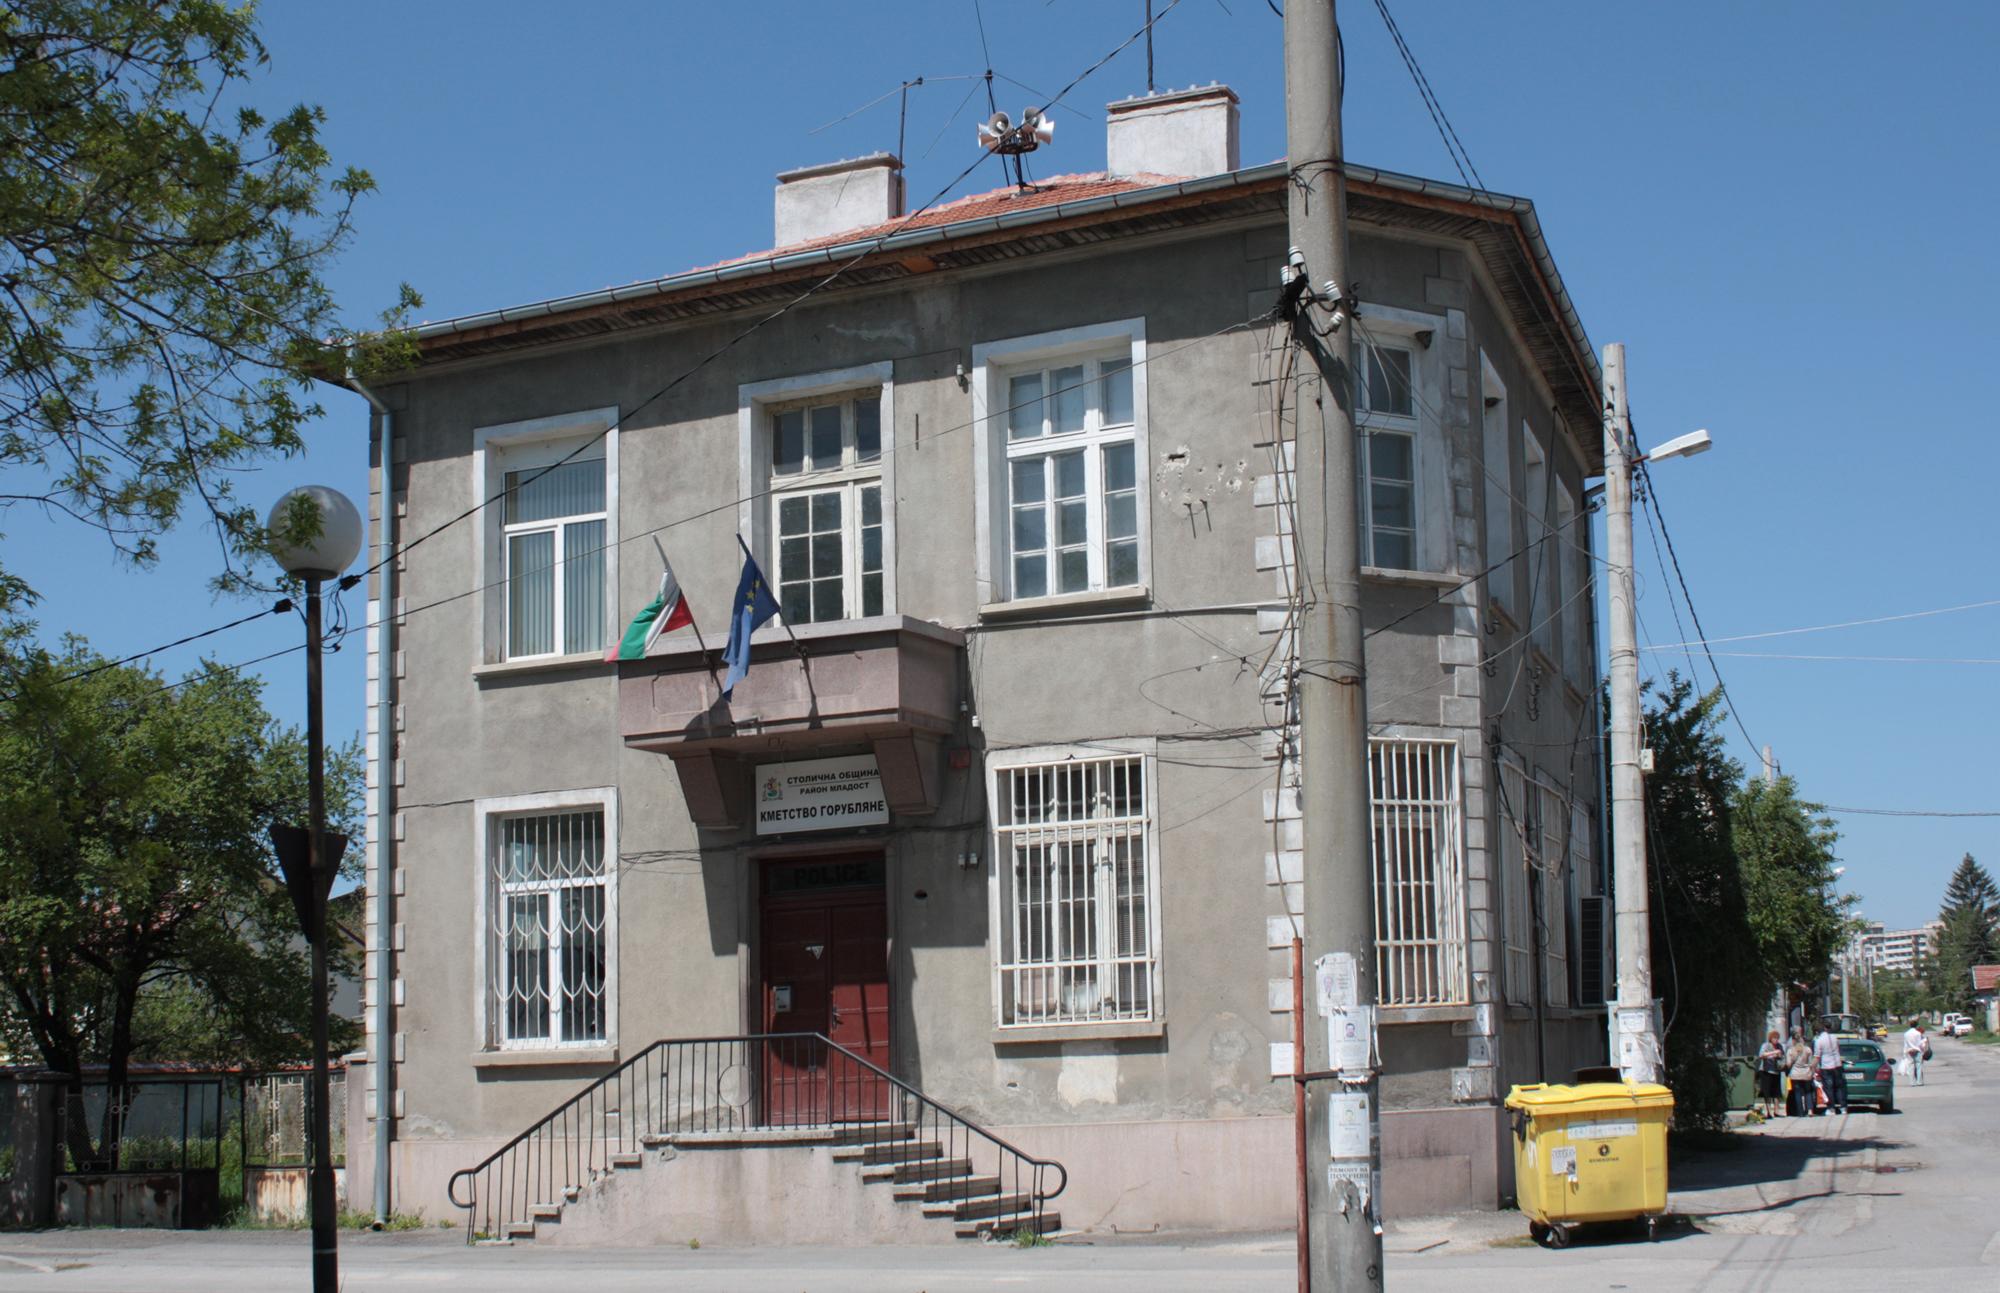 Горубляне – Уикипедия